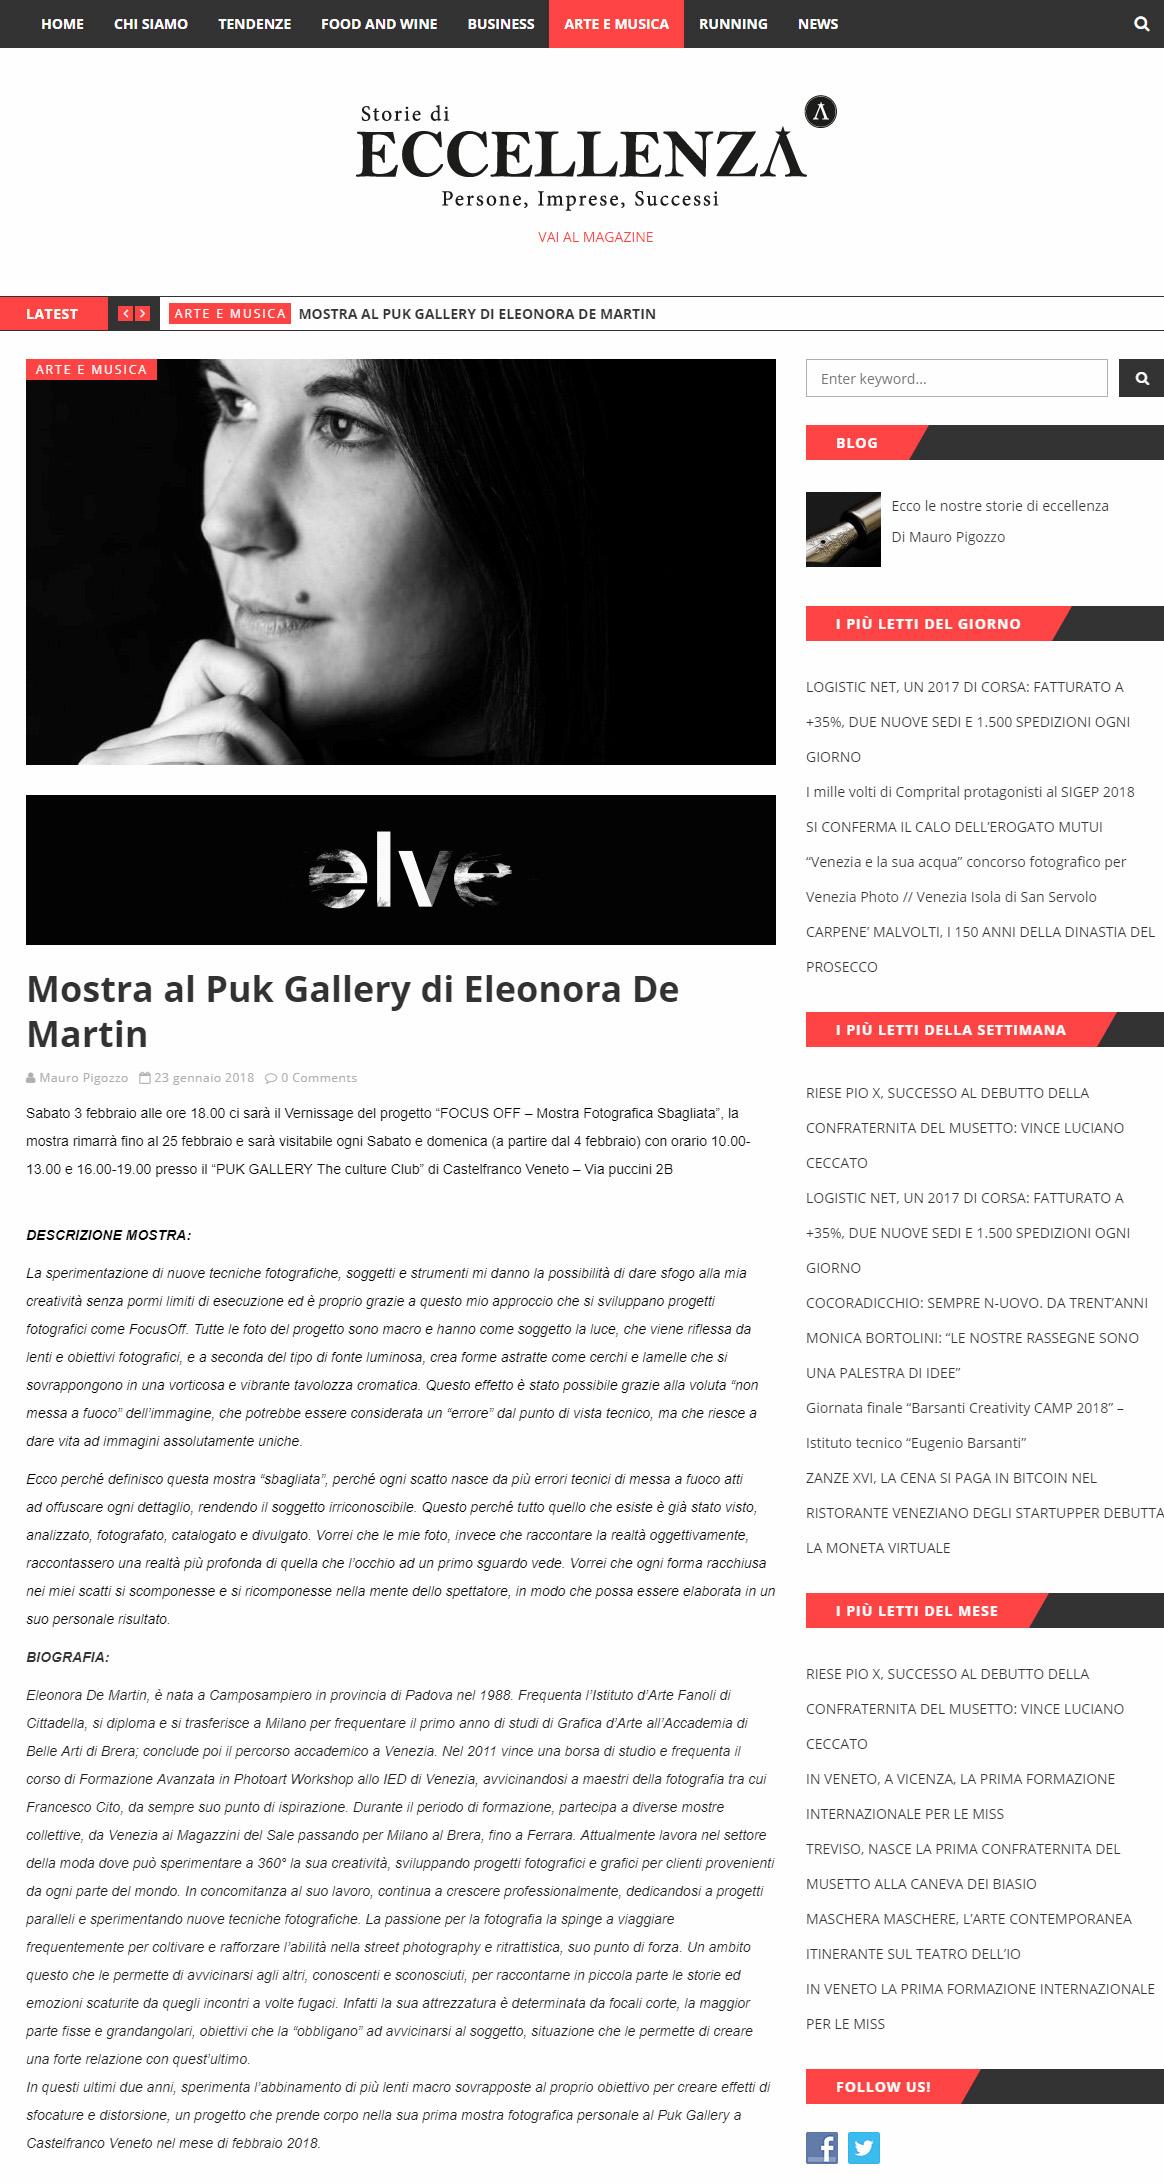 storiedieccellenza-it-mostra-al-puk-gallery-eleonora-de-martin-articolo.jpg